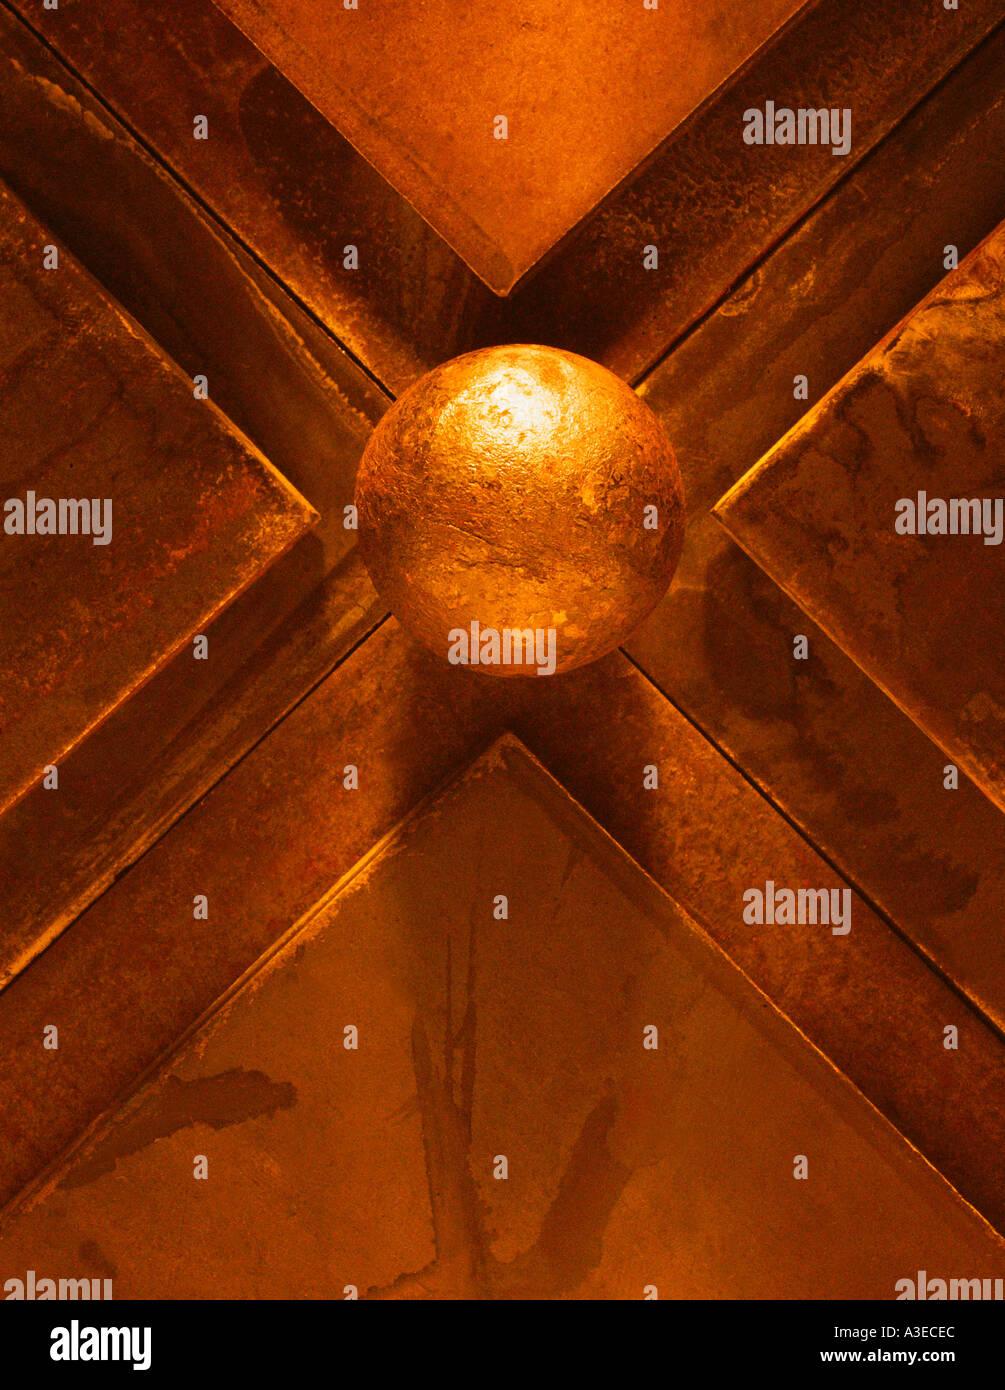 Welle des Lichtes auffällig abstrakte geometrische Stillleben mit Kugel und Dreiecke Stockbild